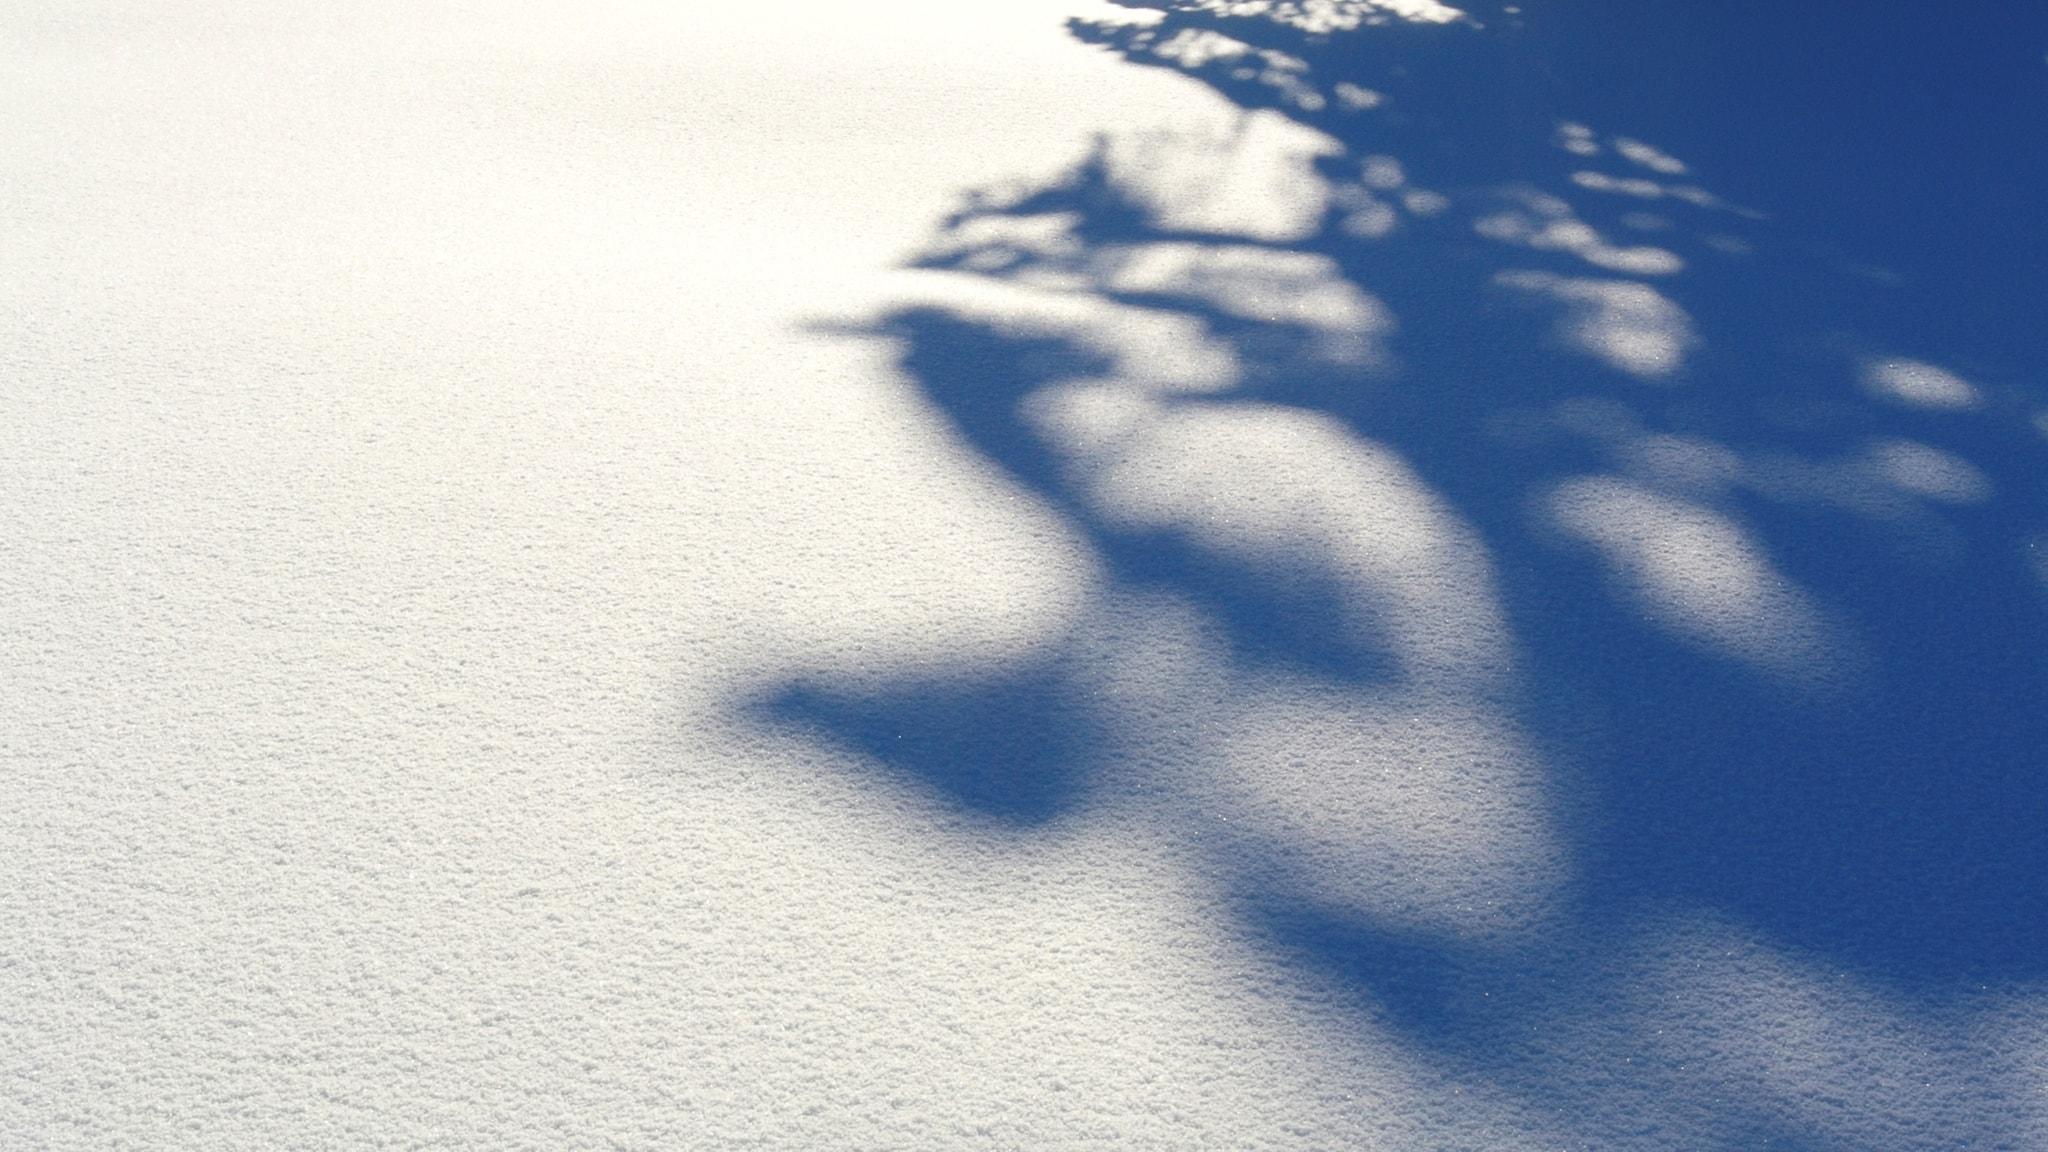 Eva-Lotta Hultén minns snön som föll för nästan 20 år sen. Men var hon verkligen där?